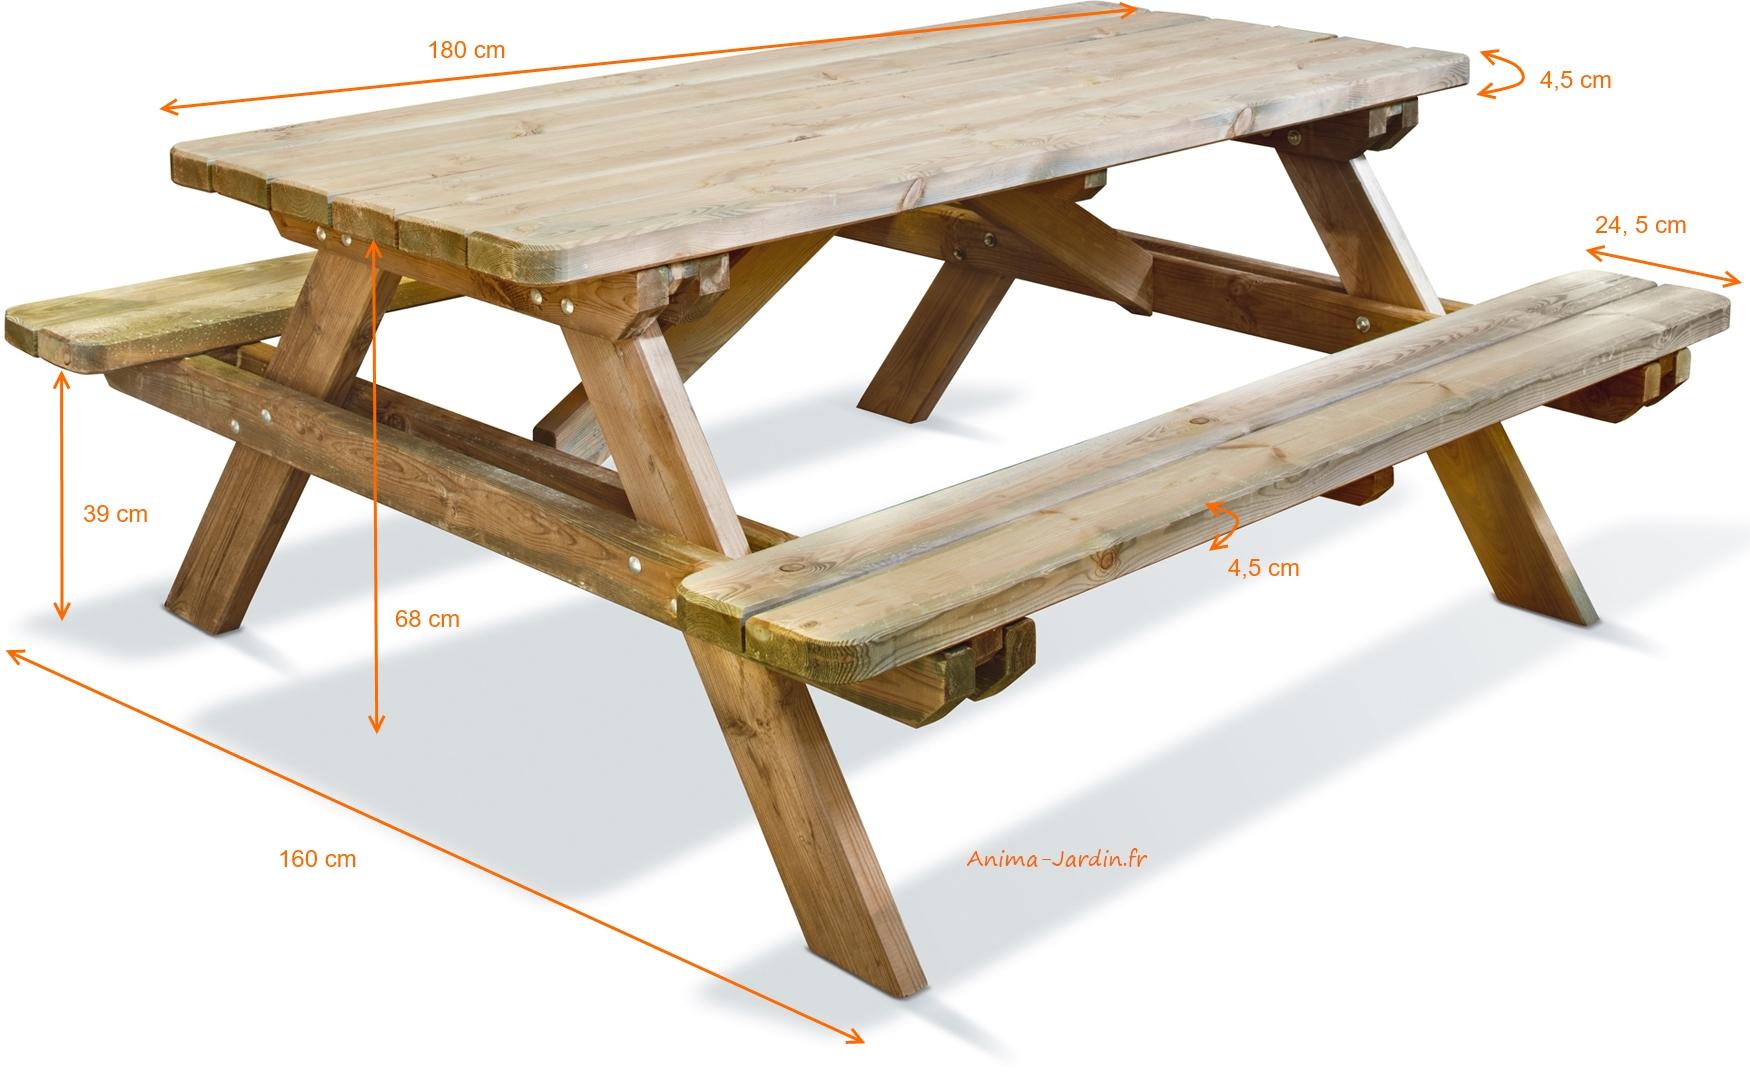 Table Pique Nique En Bois Traité Autoclave, Forestière,180 ... tout Table De Jardin Pique Nique Bois